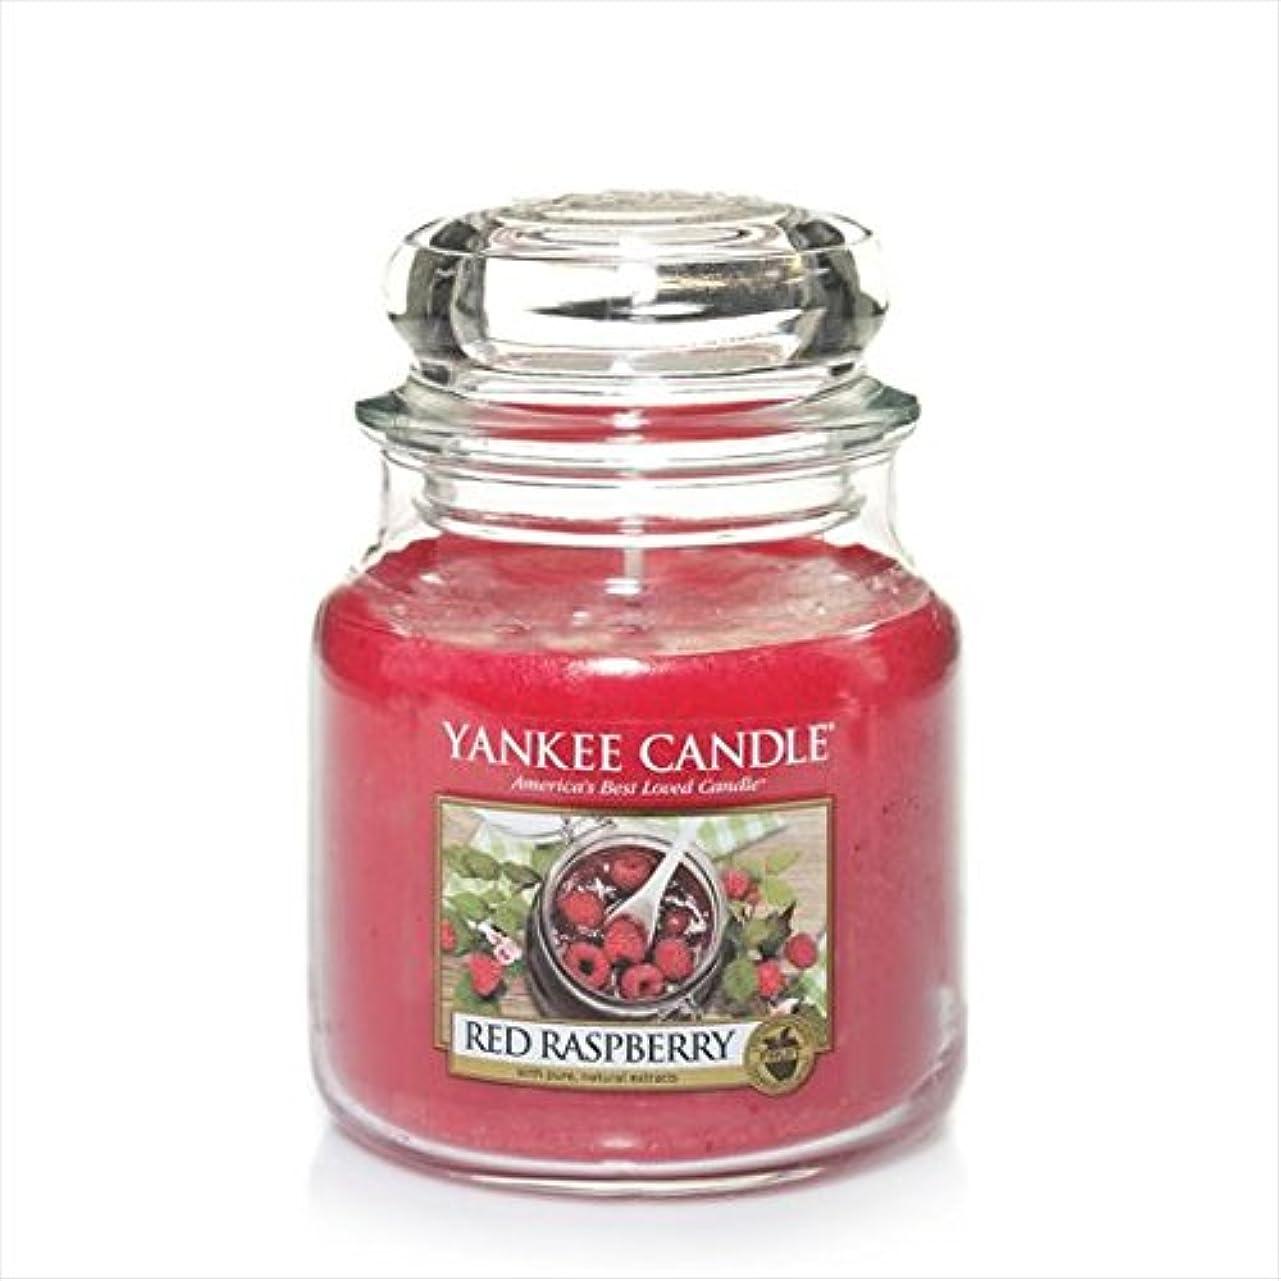 バングラデシュ濃度有効化ヤンキーキャンドル( YANKEE CANDLE ) YANKEE CANDLEジャーM 「 レッドラズベリー 」